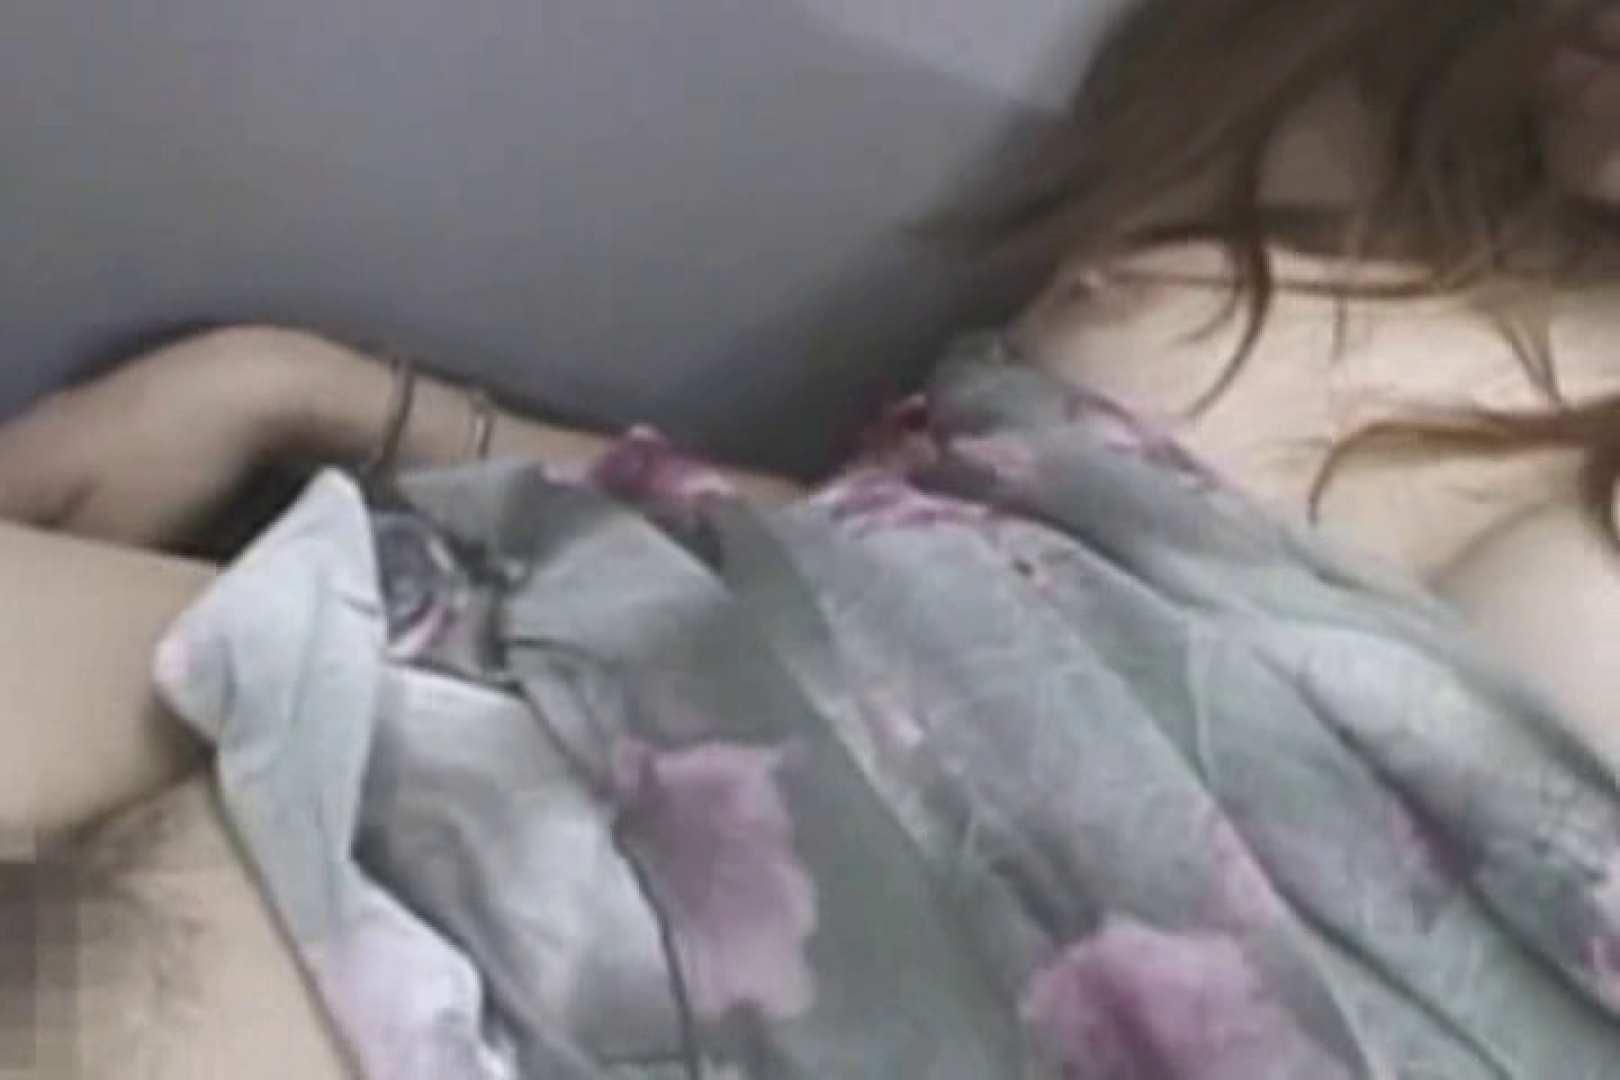 ぶっ掛け電車 只今運行中Vol.2 車 盗み撮り動画キャプチャ 83連発 45